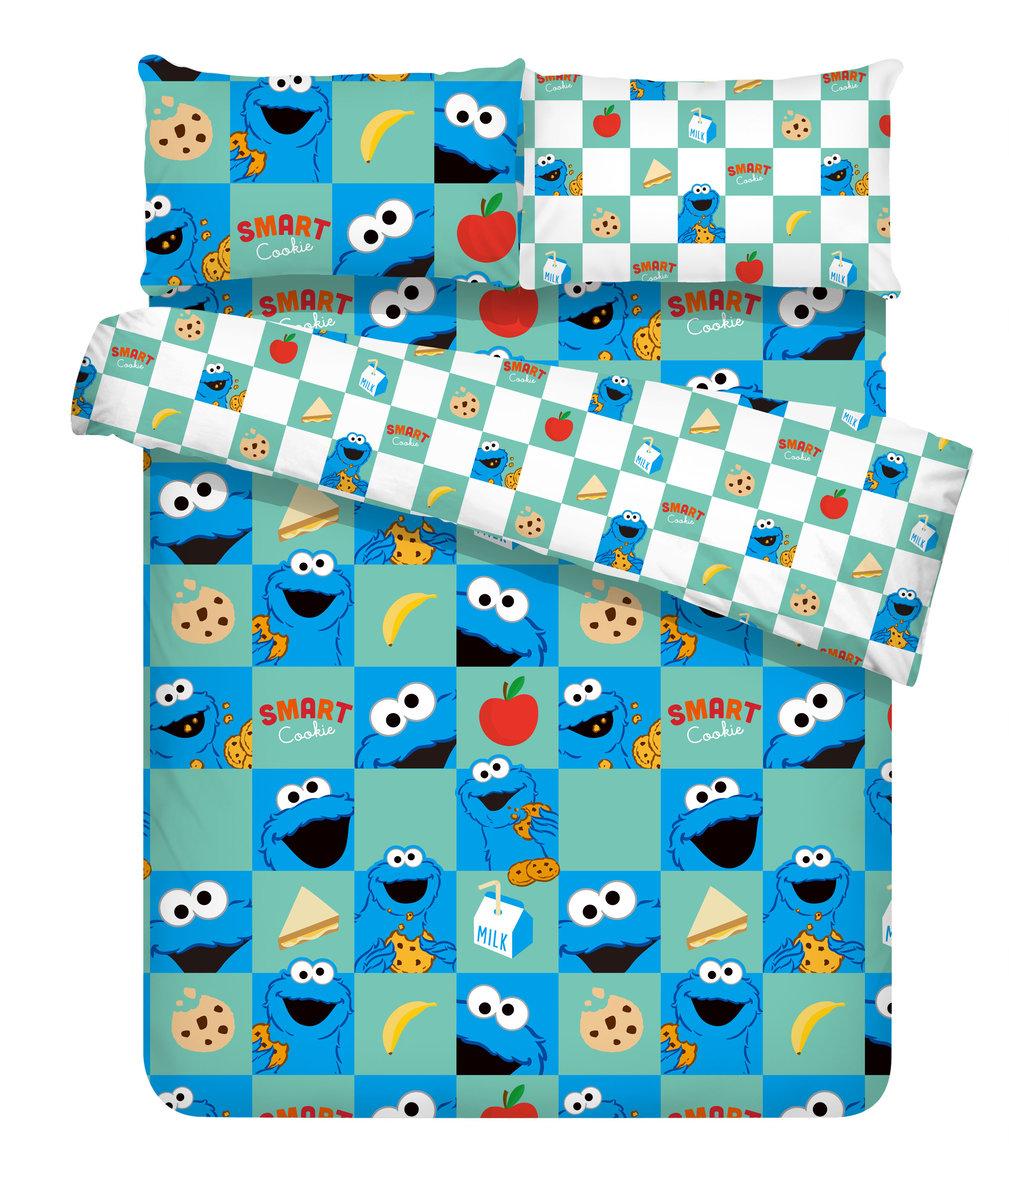 Sesame Street Smart Cookie (雙人套裝 D48)